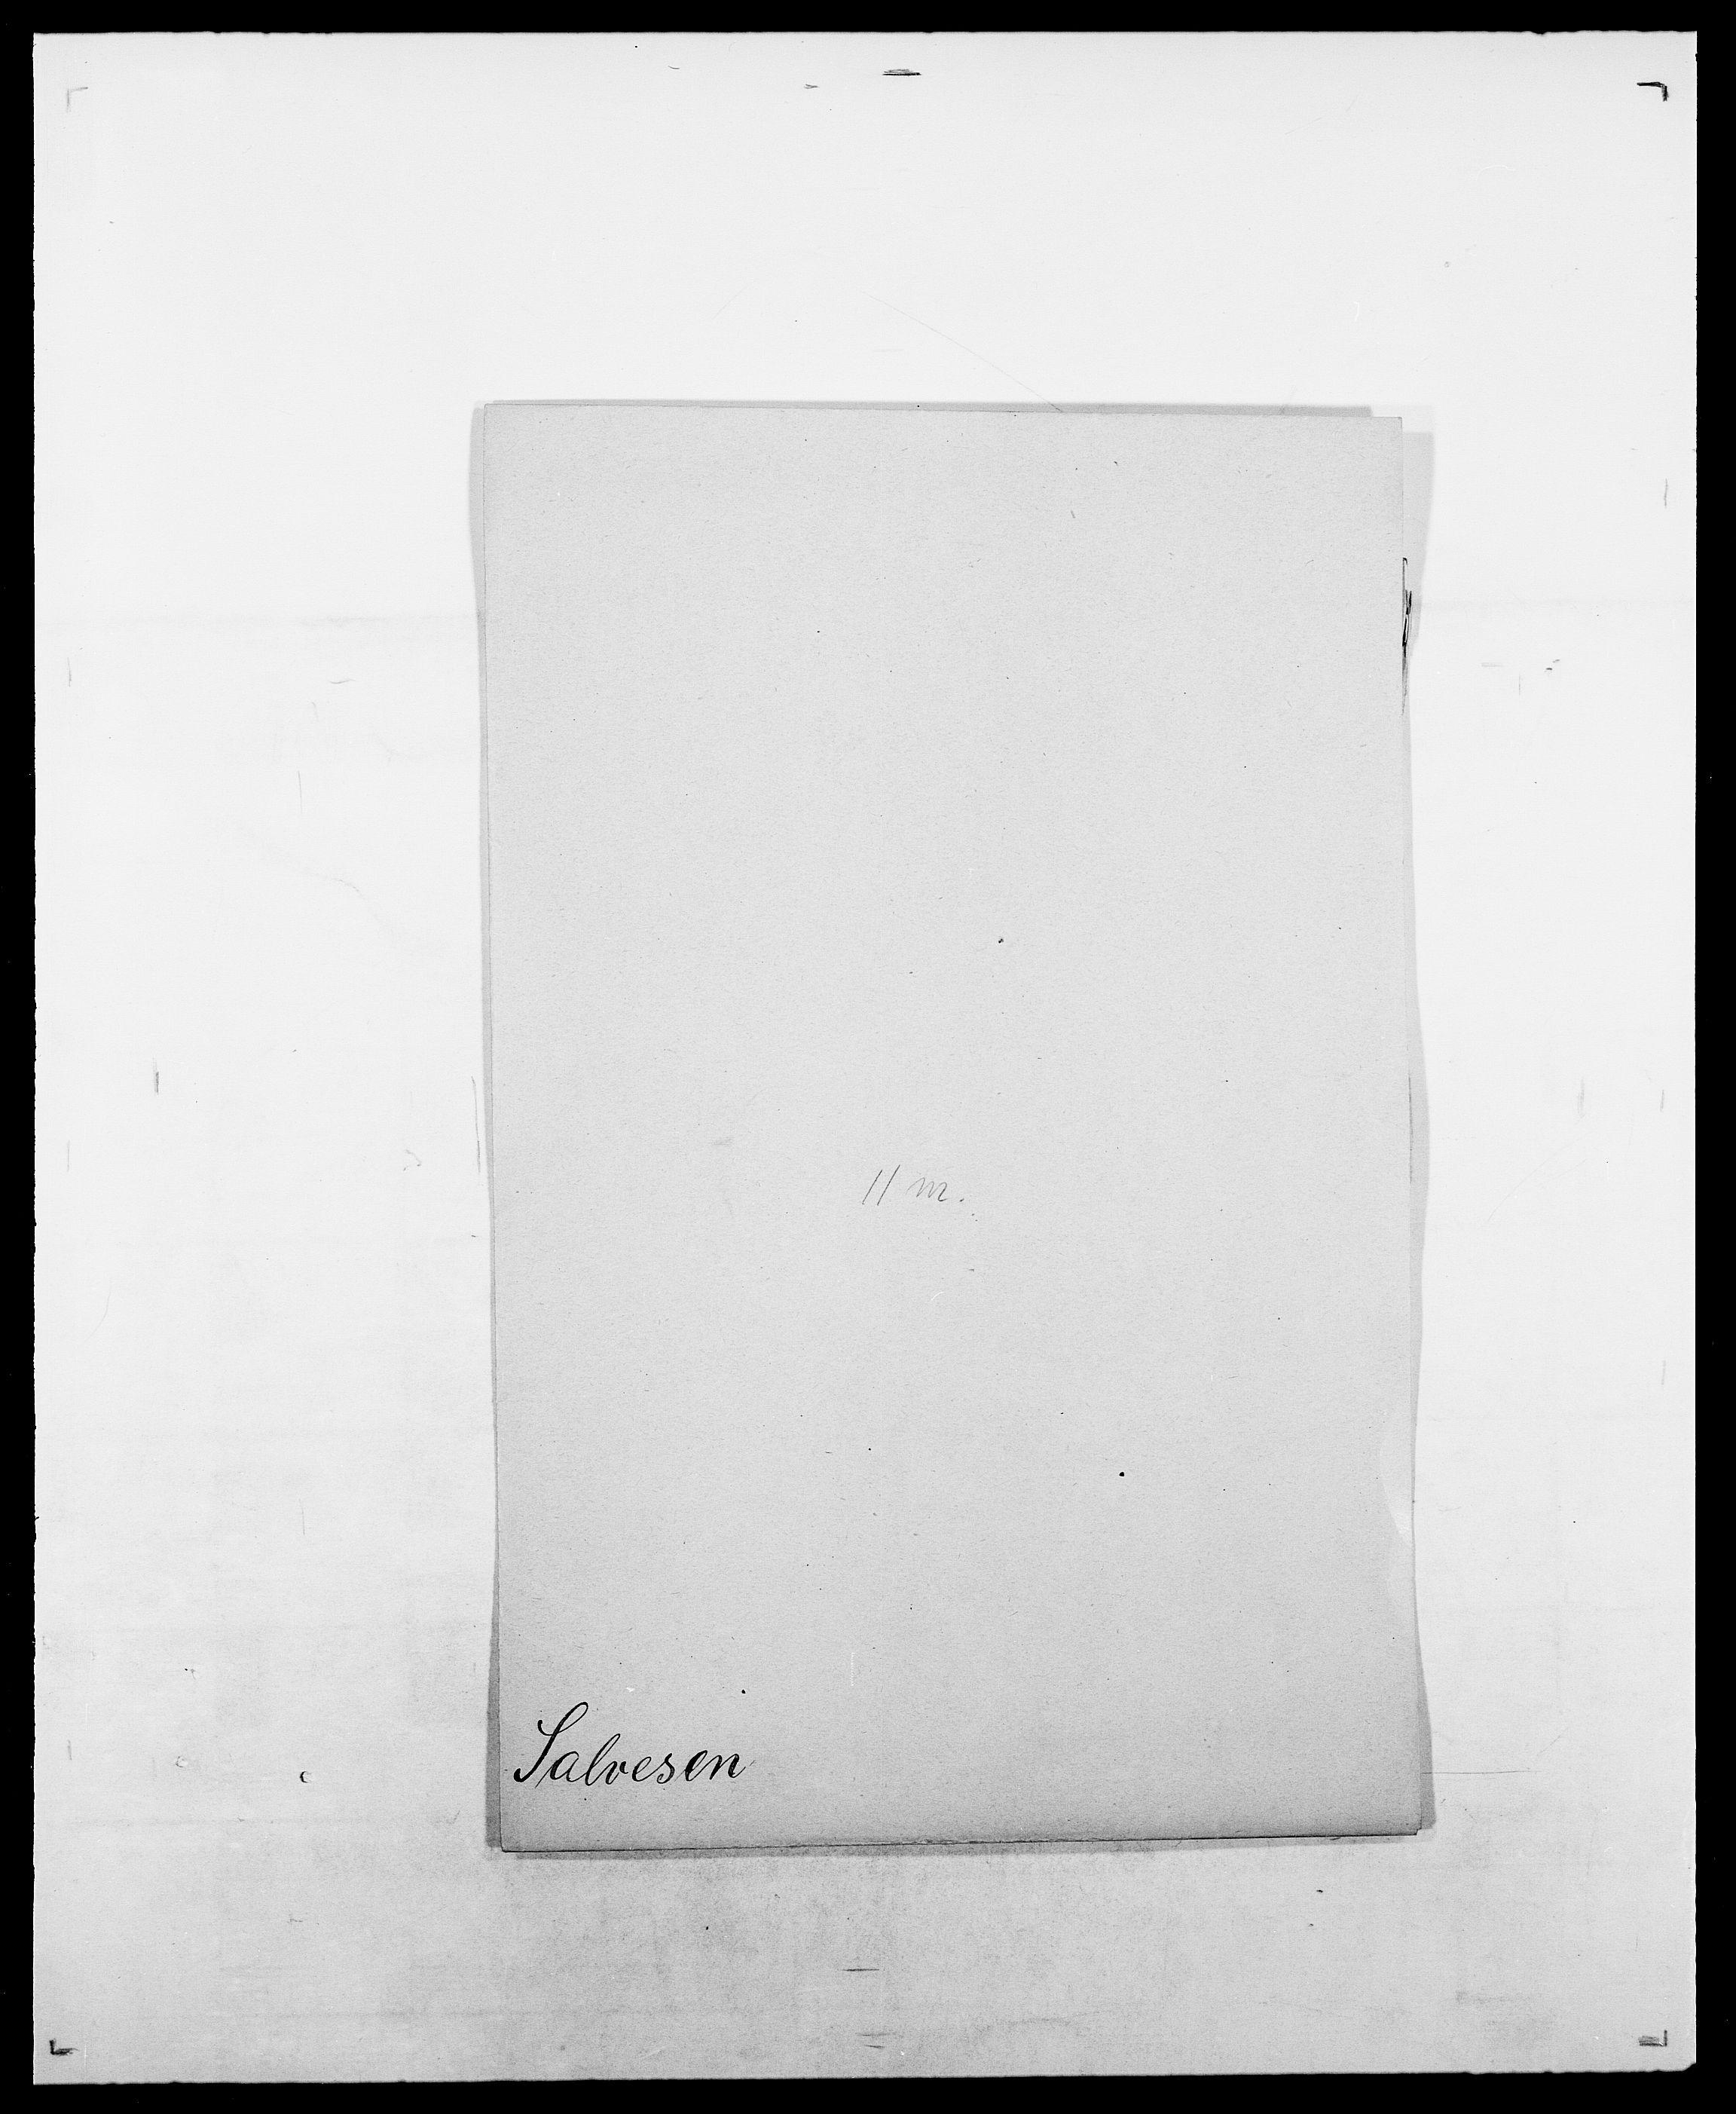 SAO, Delgobe, Charles Antoine - samling, D/Da/L0034: Saabye - Schmincke, s. 68